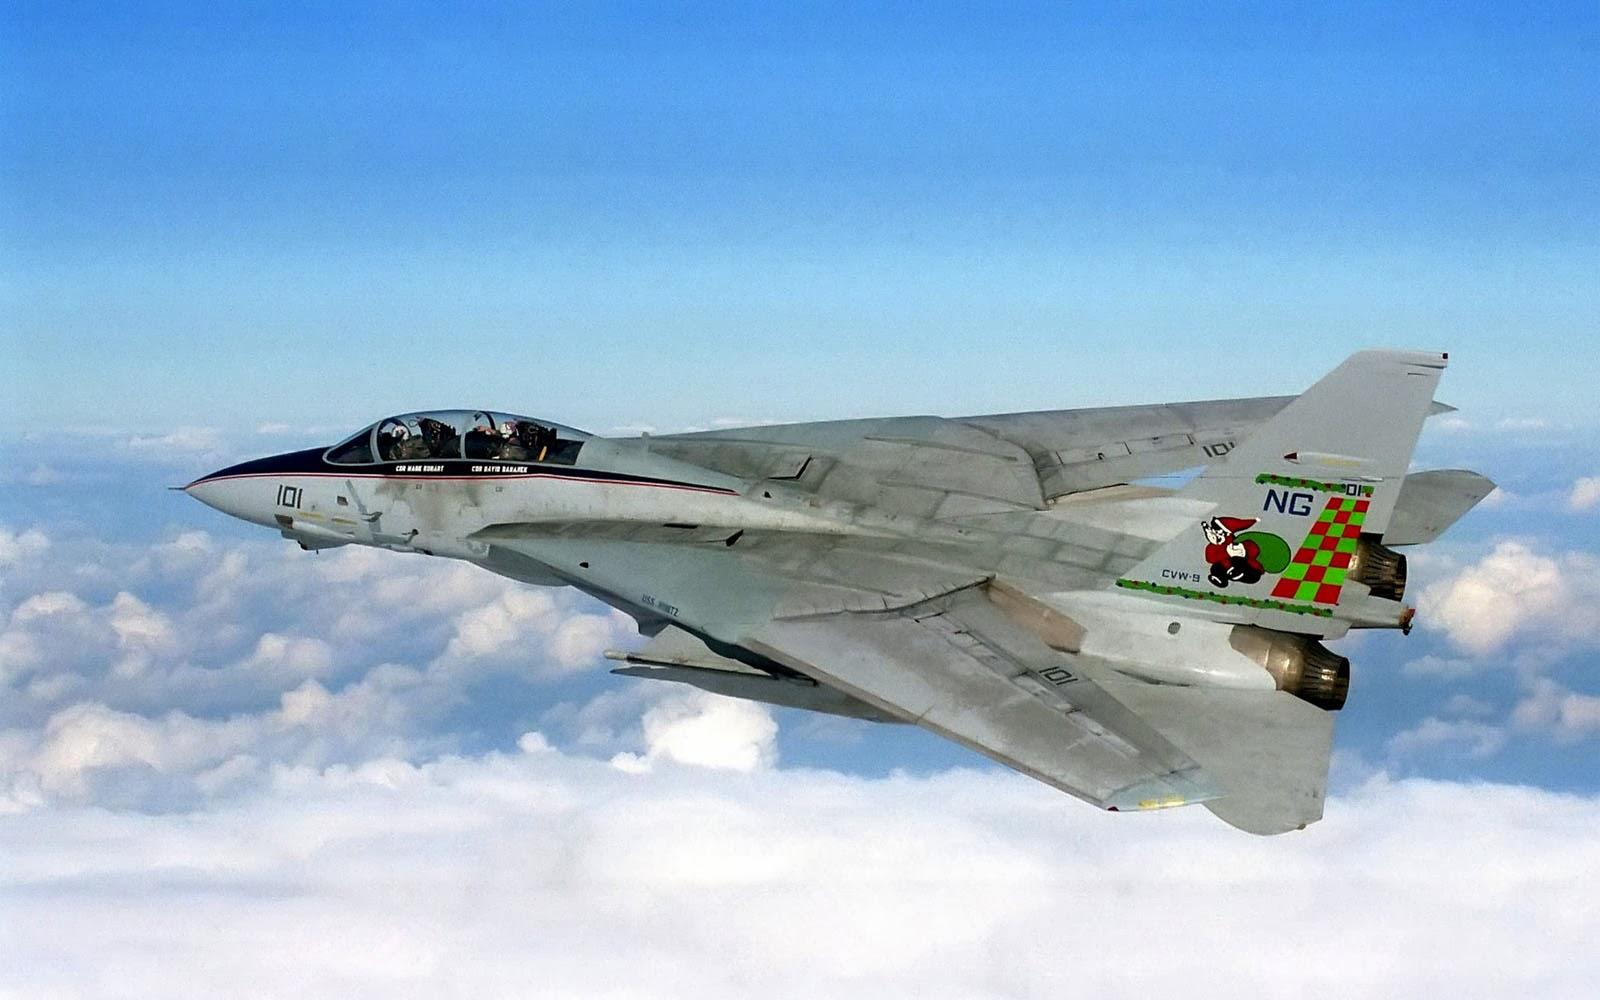 wallpapers: Grumman F-14 Tomcat Wallpapers